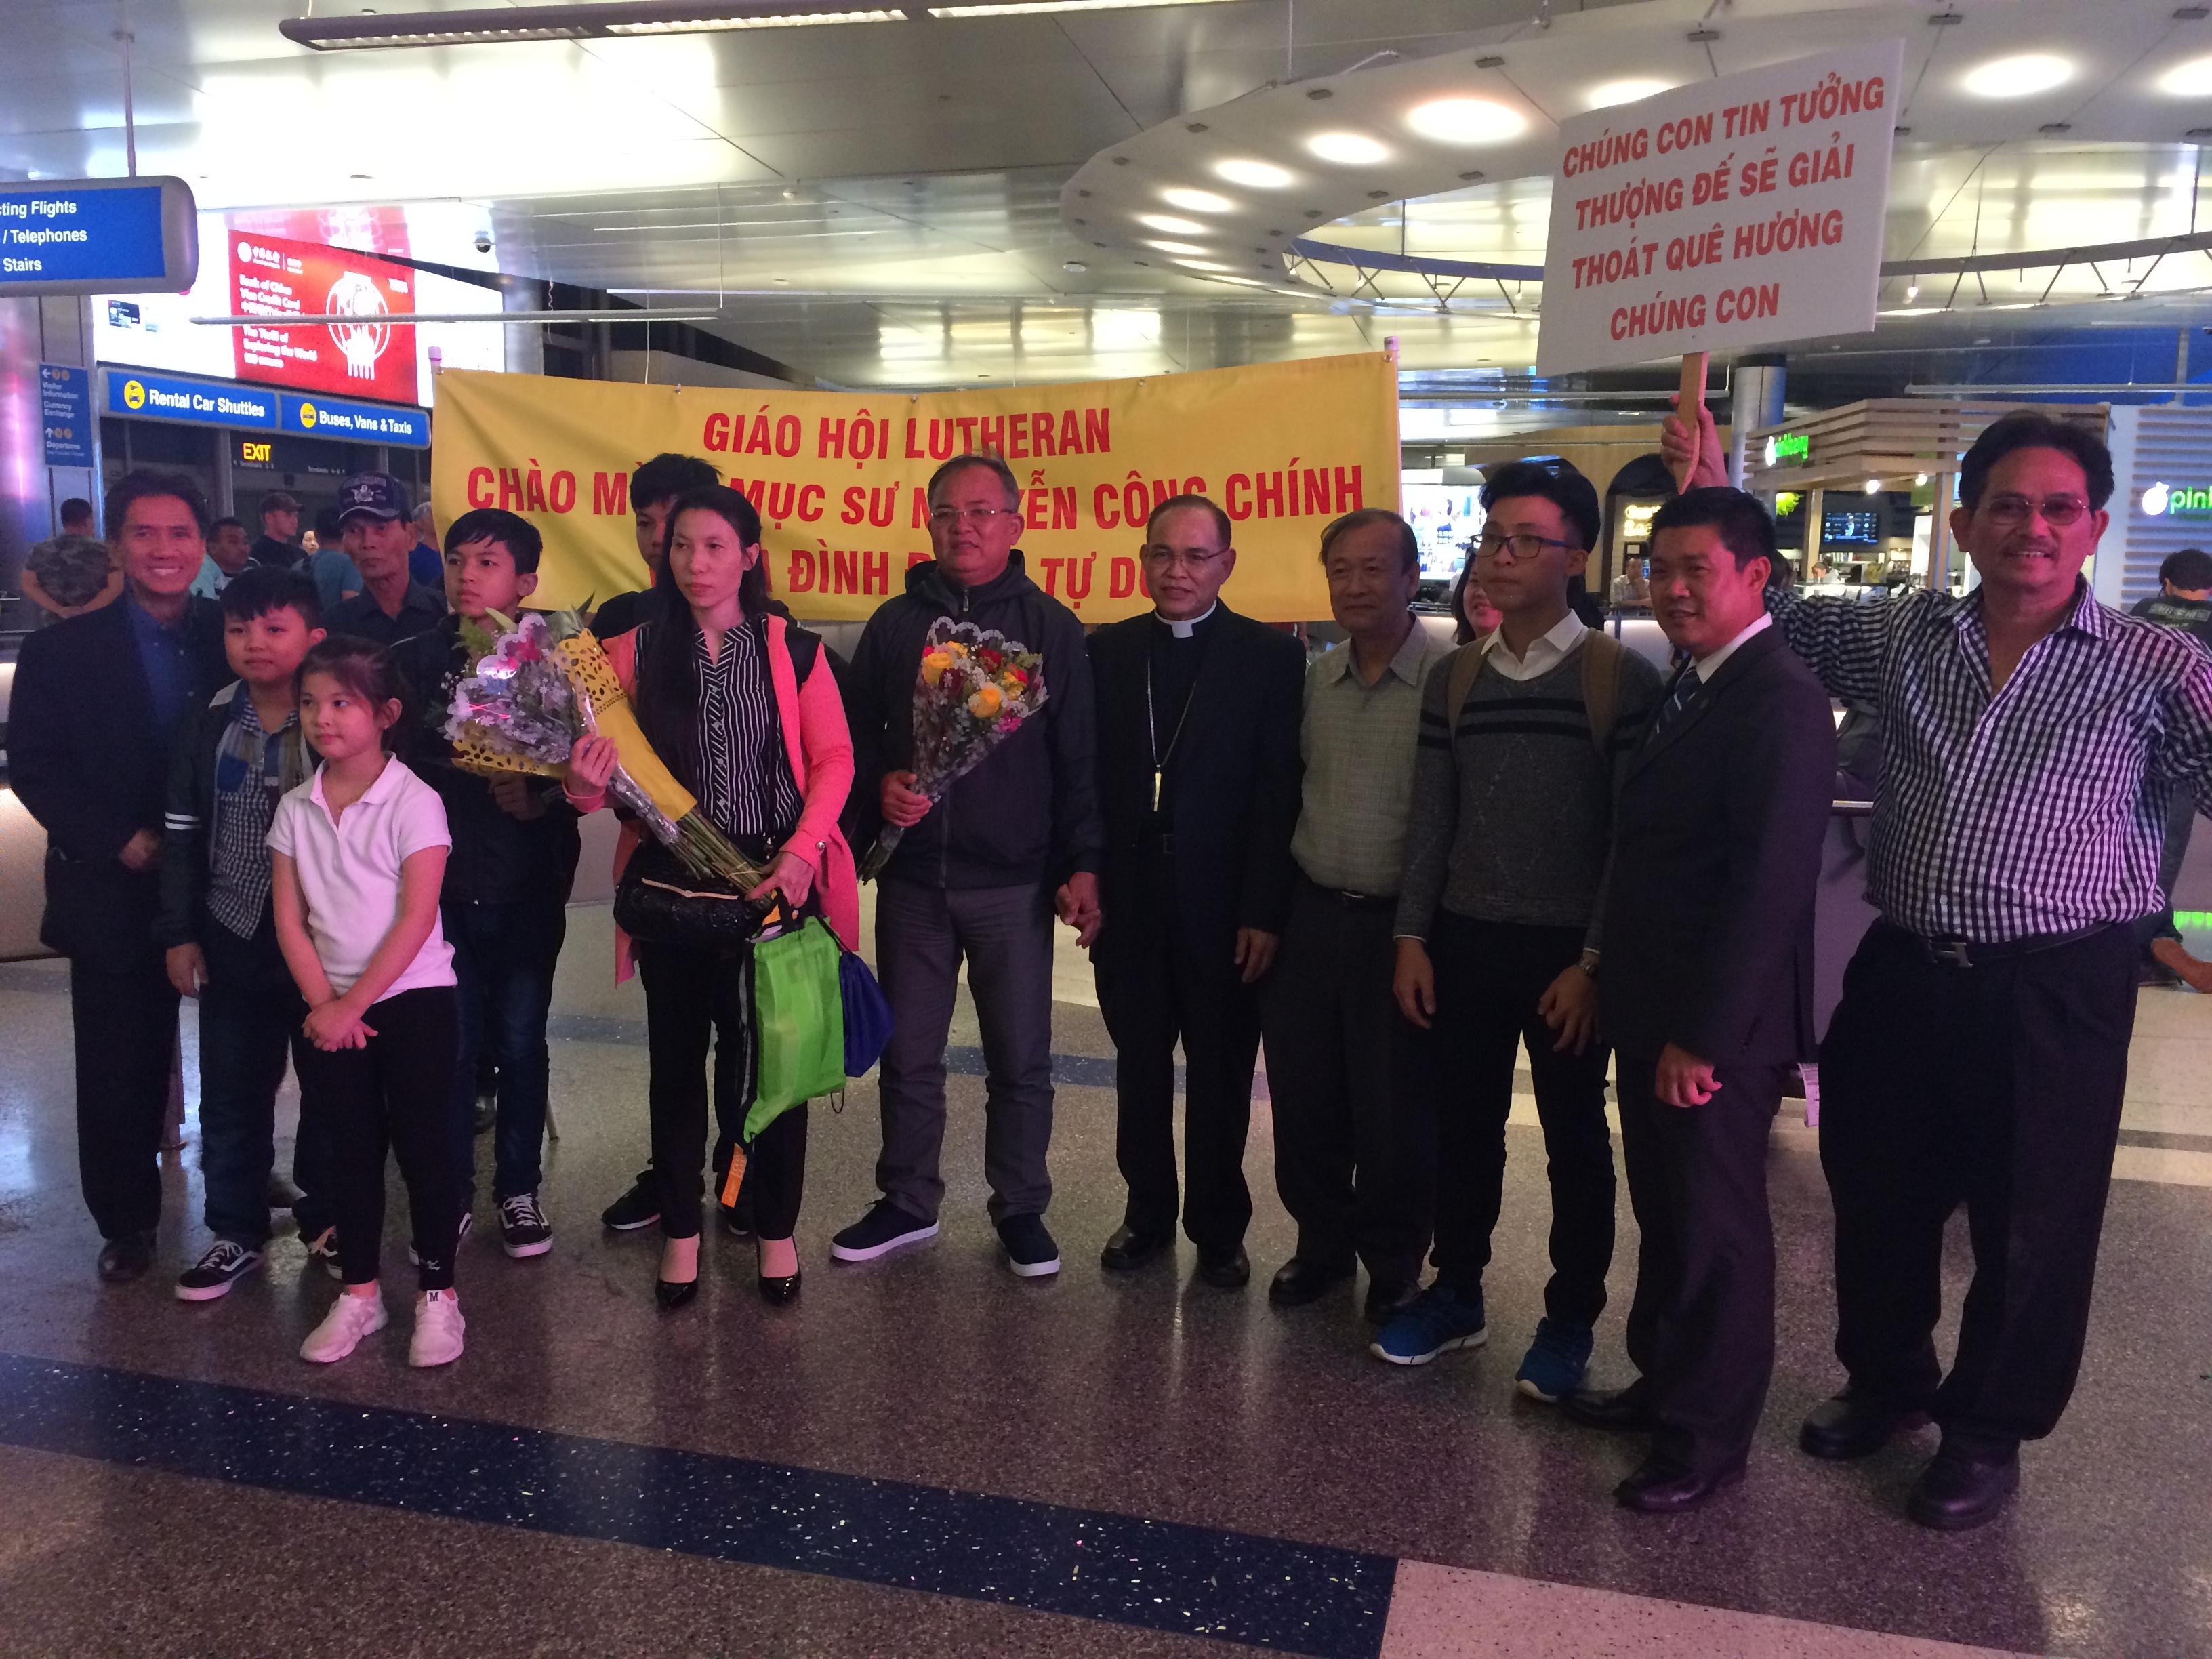 Dân Biểu Alan Lowenthal chào mừng Mục sư Nguyễn Công Chính cùng gia đình đến Hoa Kỳ